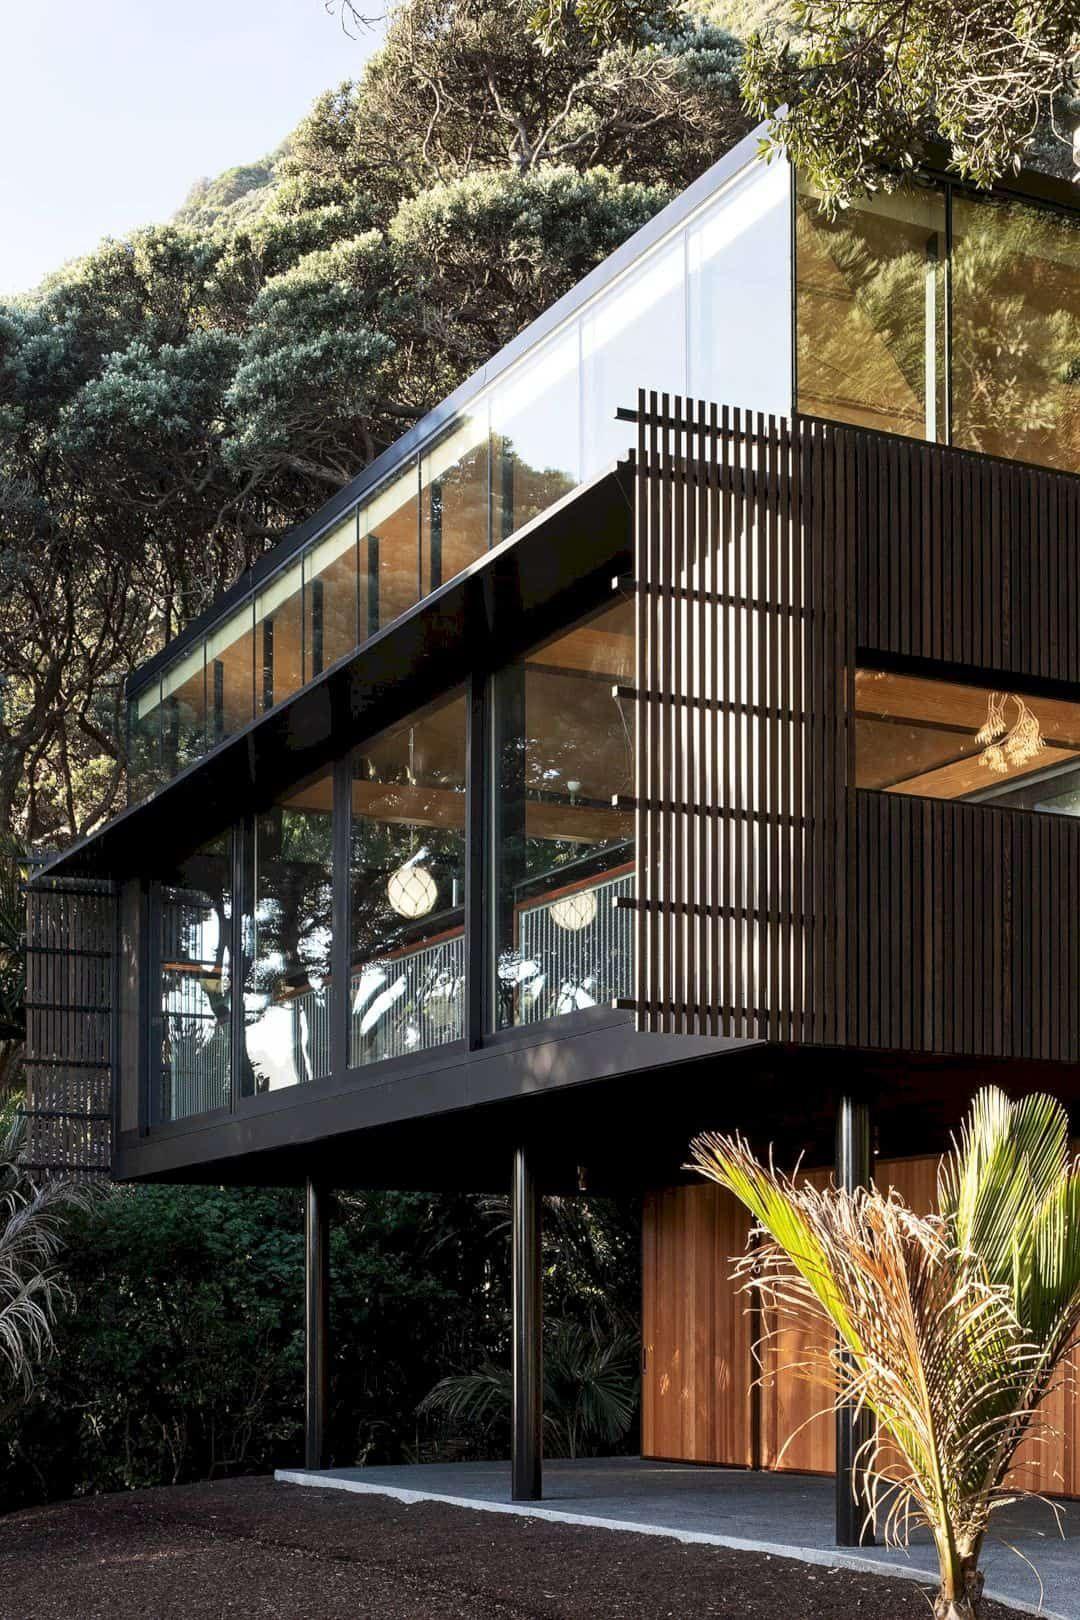 Kawakawa House Piha: A Beach House with Spectacula